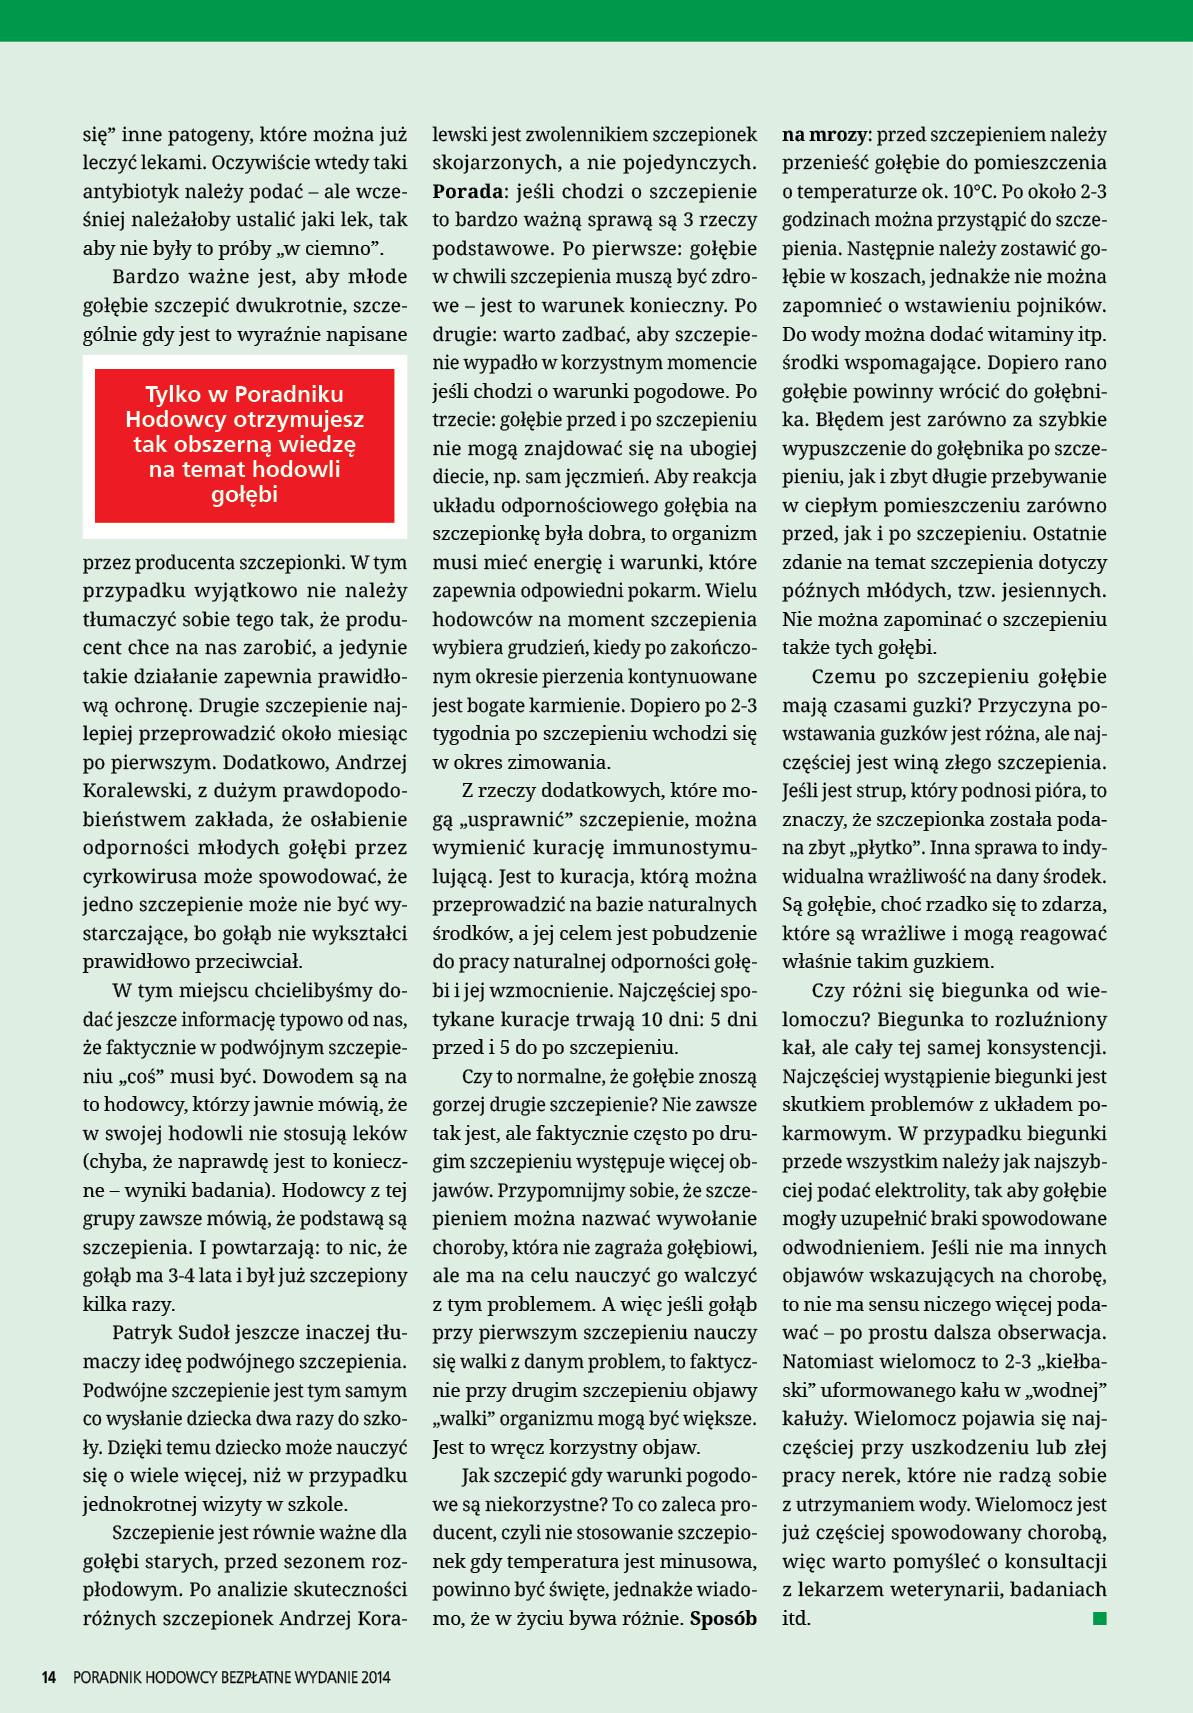 Darmowy numer specjalny Poradnika Hodowcy 2014 - strona 14